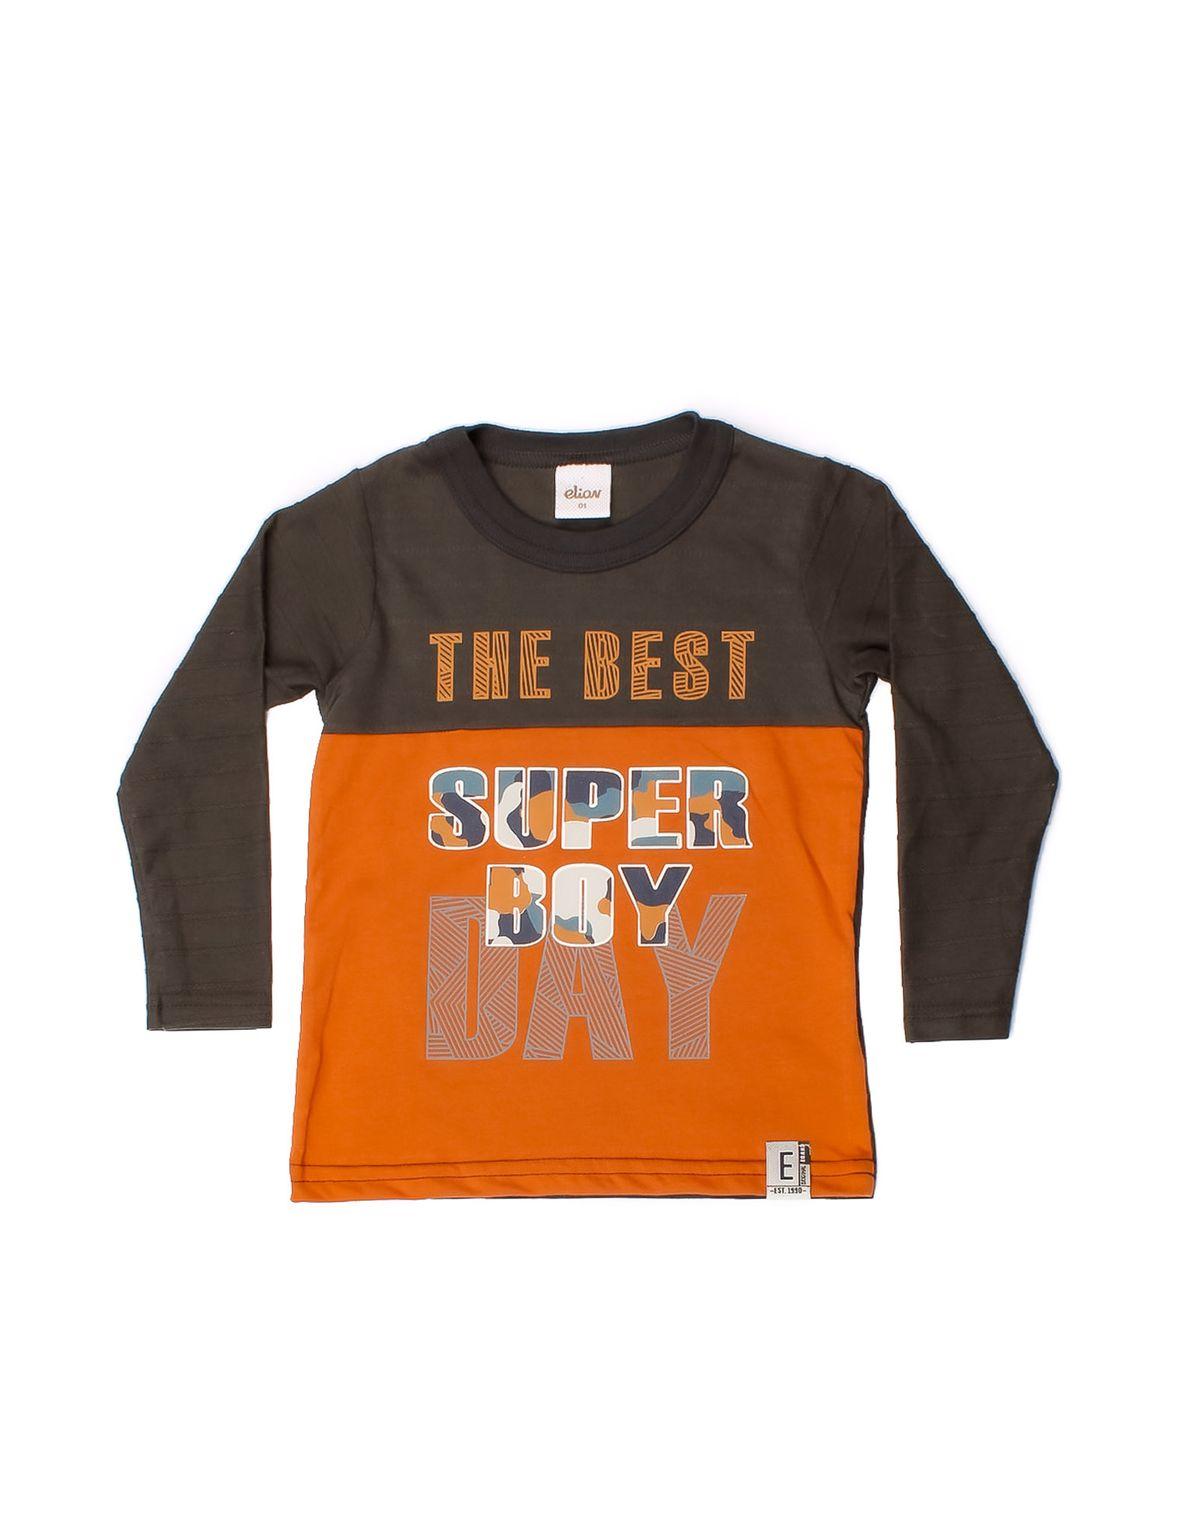 577993003-camiseta-manga-longa-bebe-menino-nervura-frase-chumbo-2-4ad